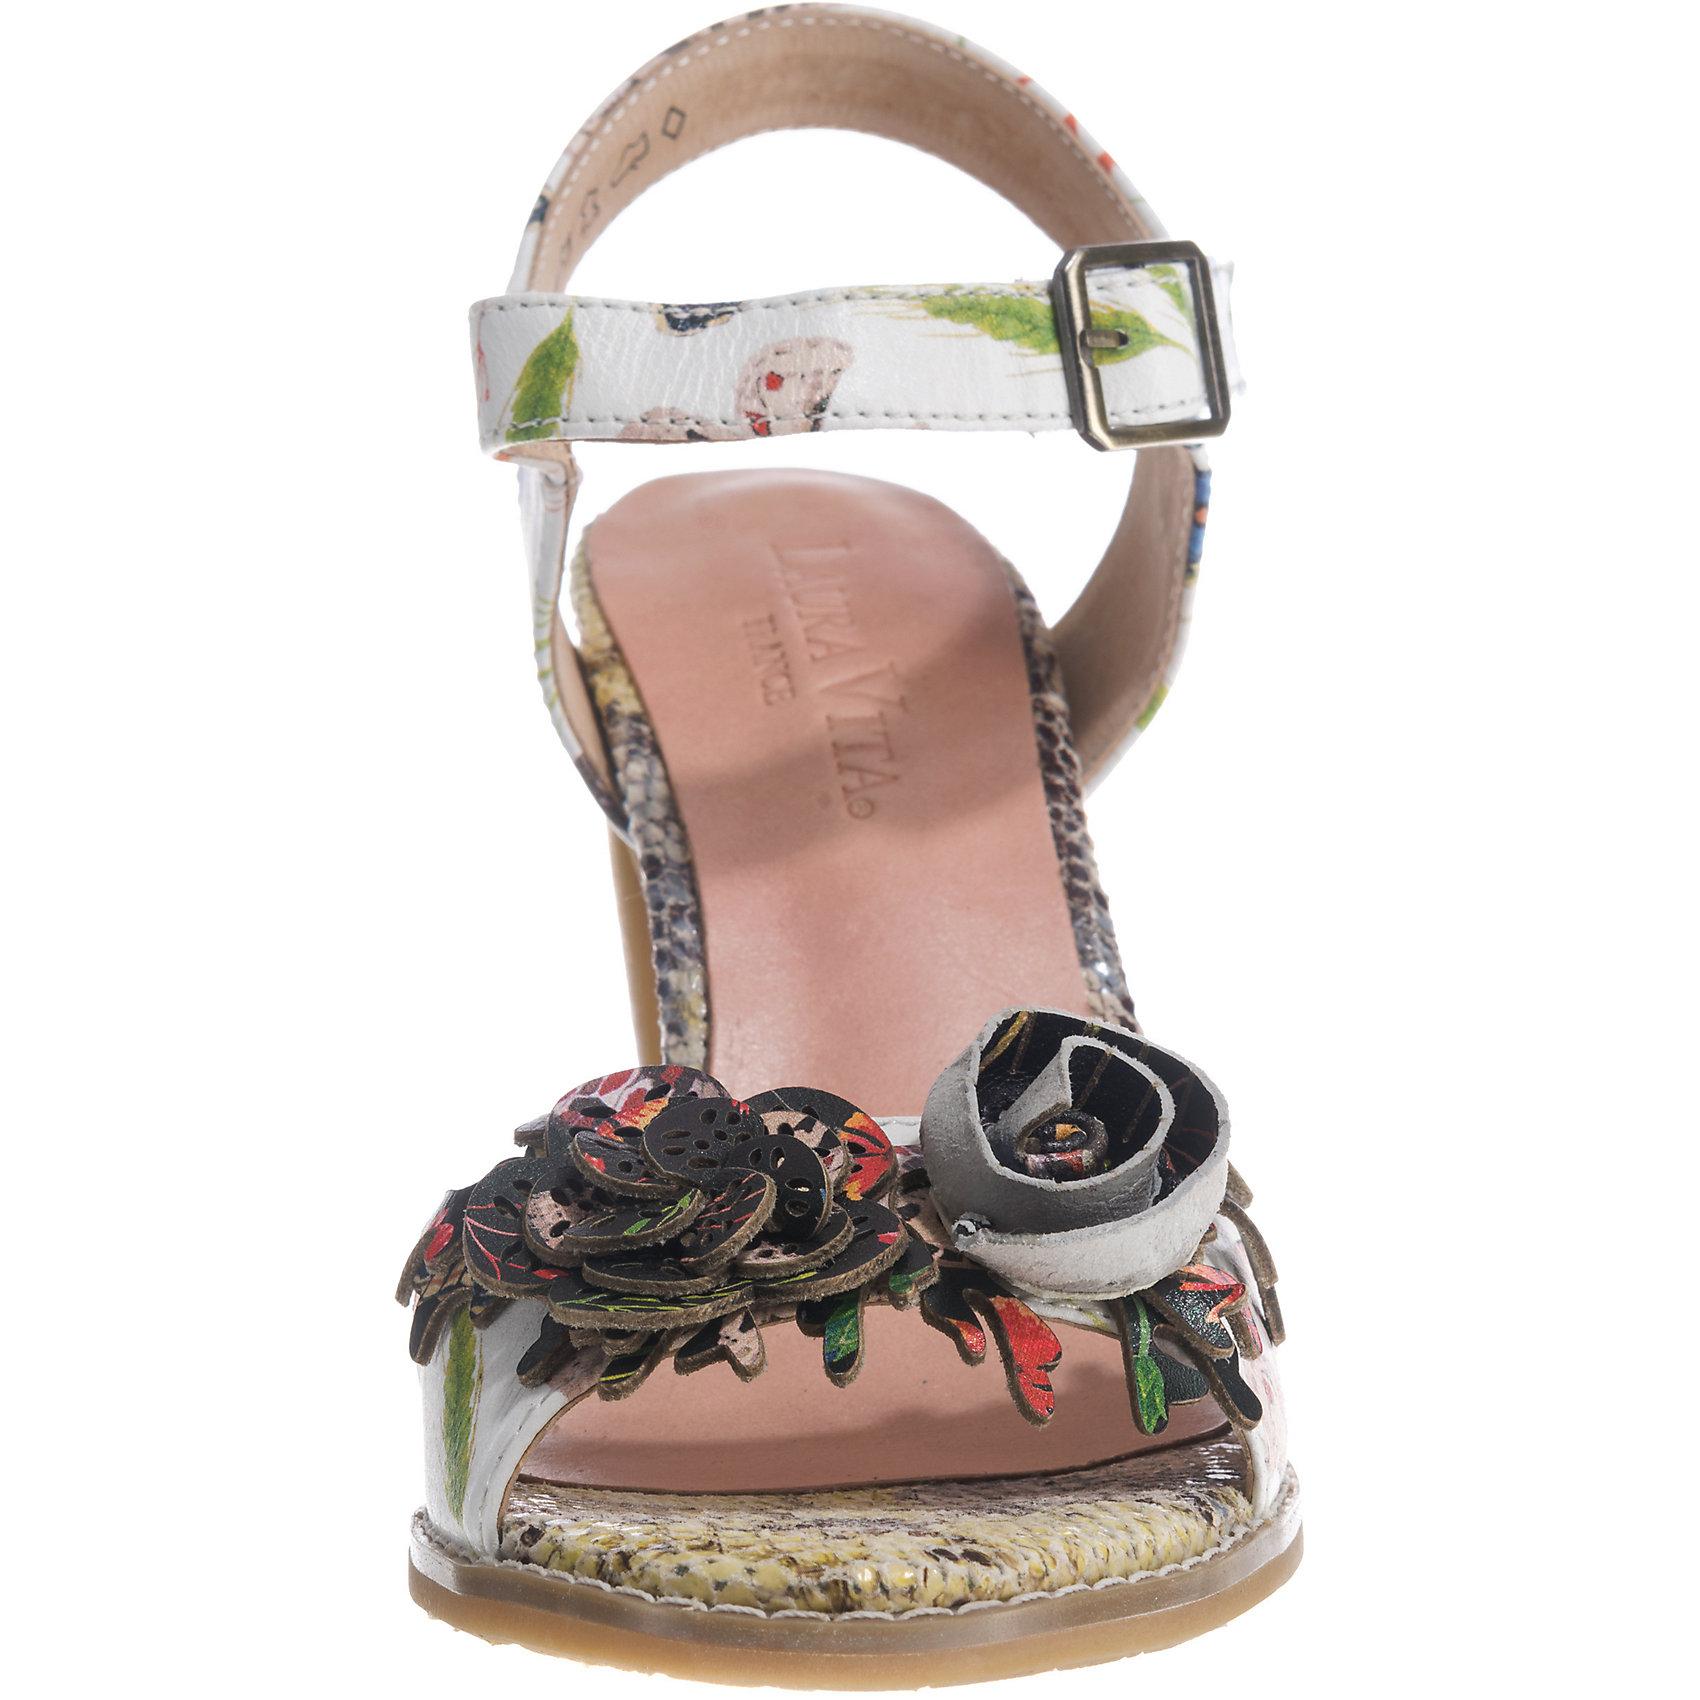 Neu Laura Vita Dali 03 Klassische Sandaleetten 7497397 für Damen